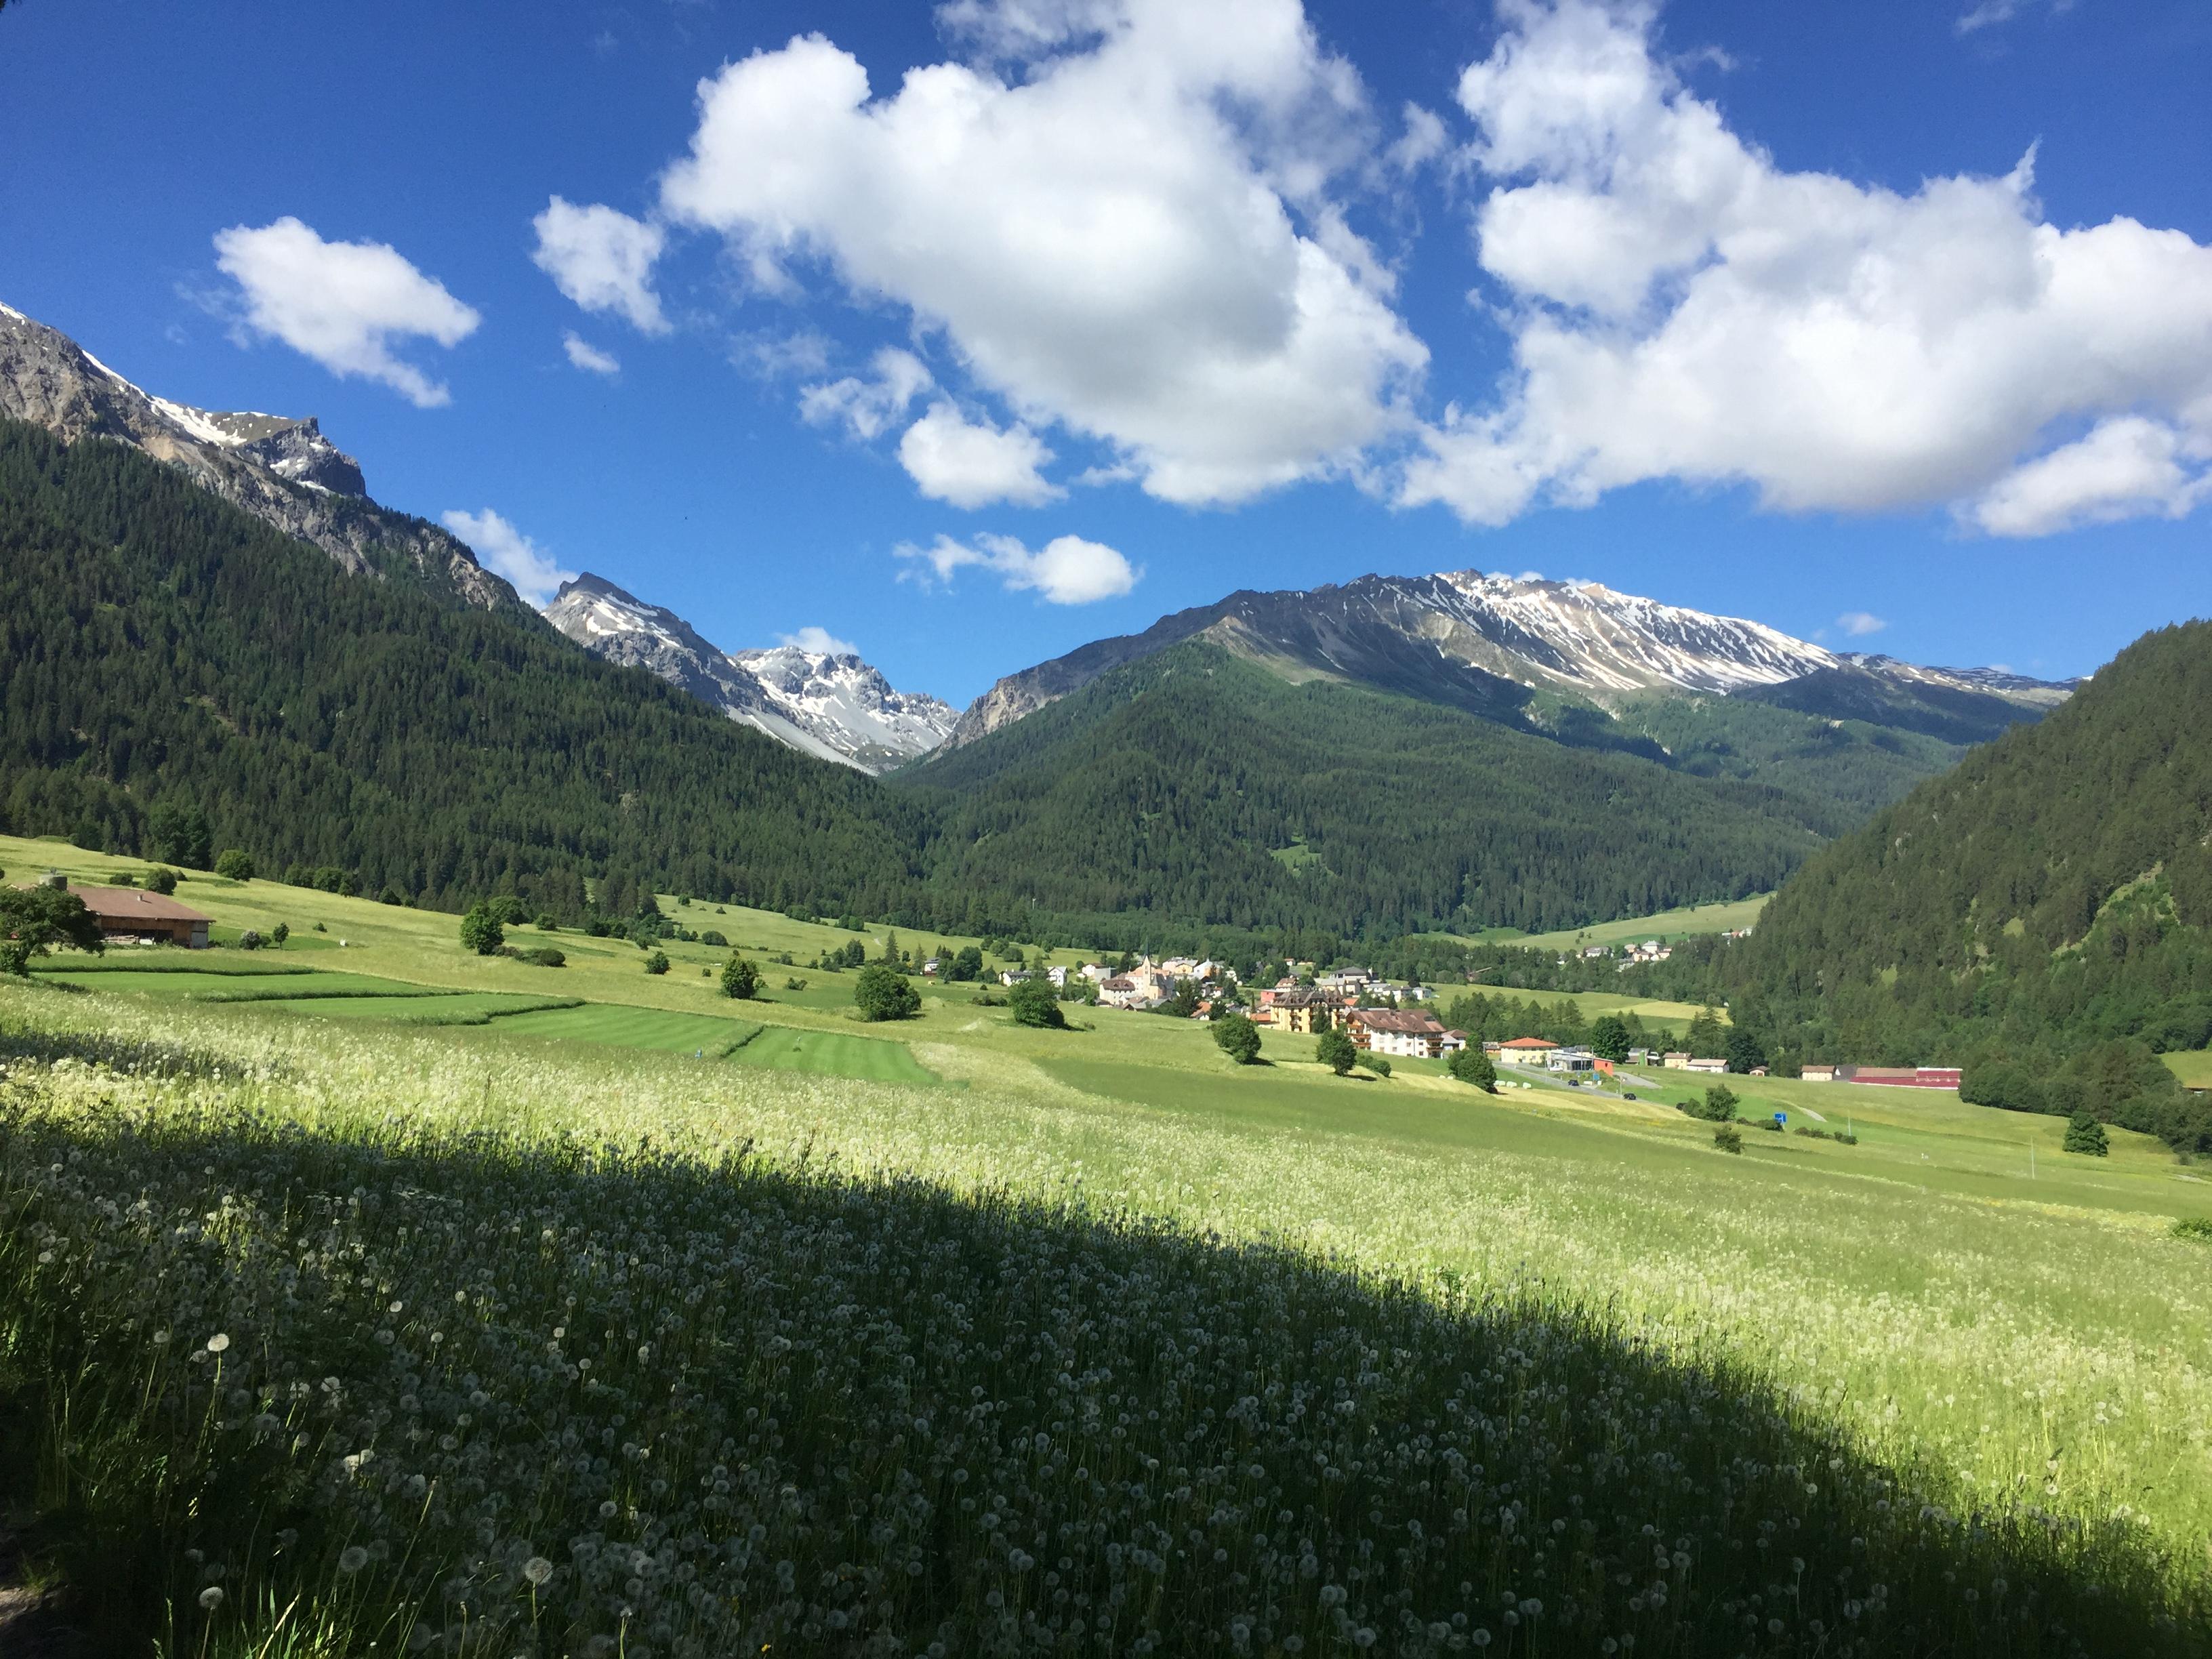 Vacanze Estate Inpsieme - camp estivi in Trentino